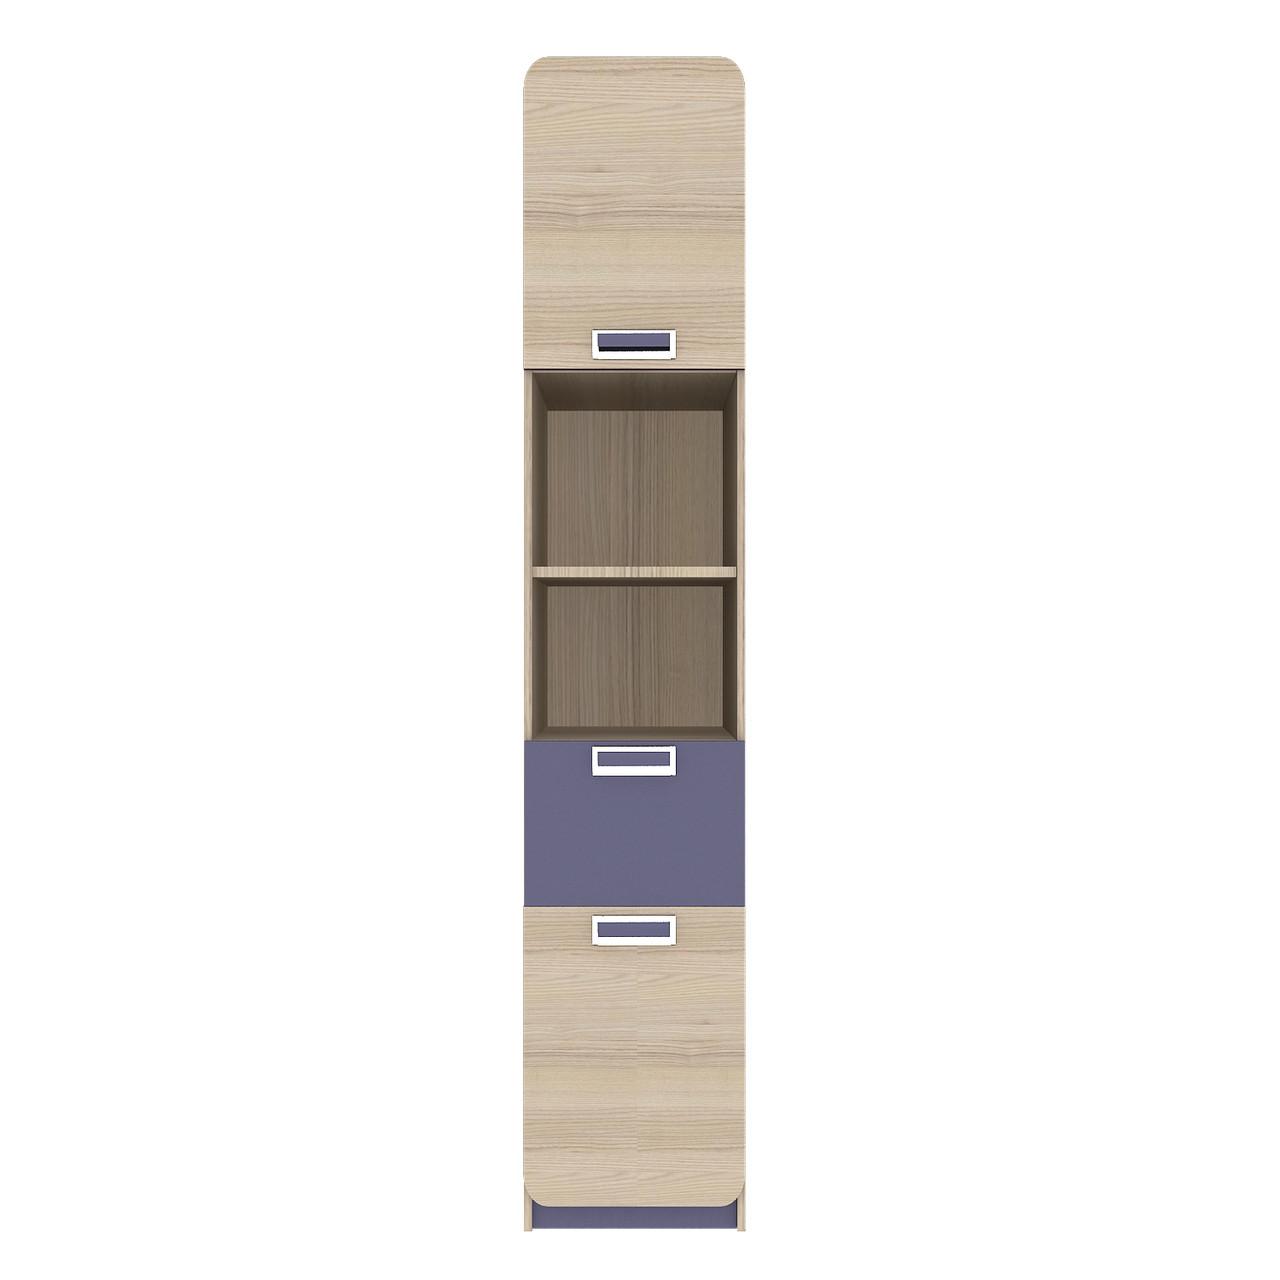 Пенал JASMINE С Blonski 2-х дверний коімбра+фіолет синій